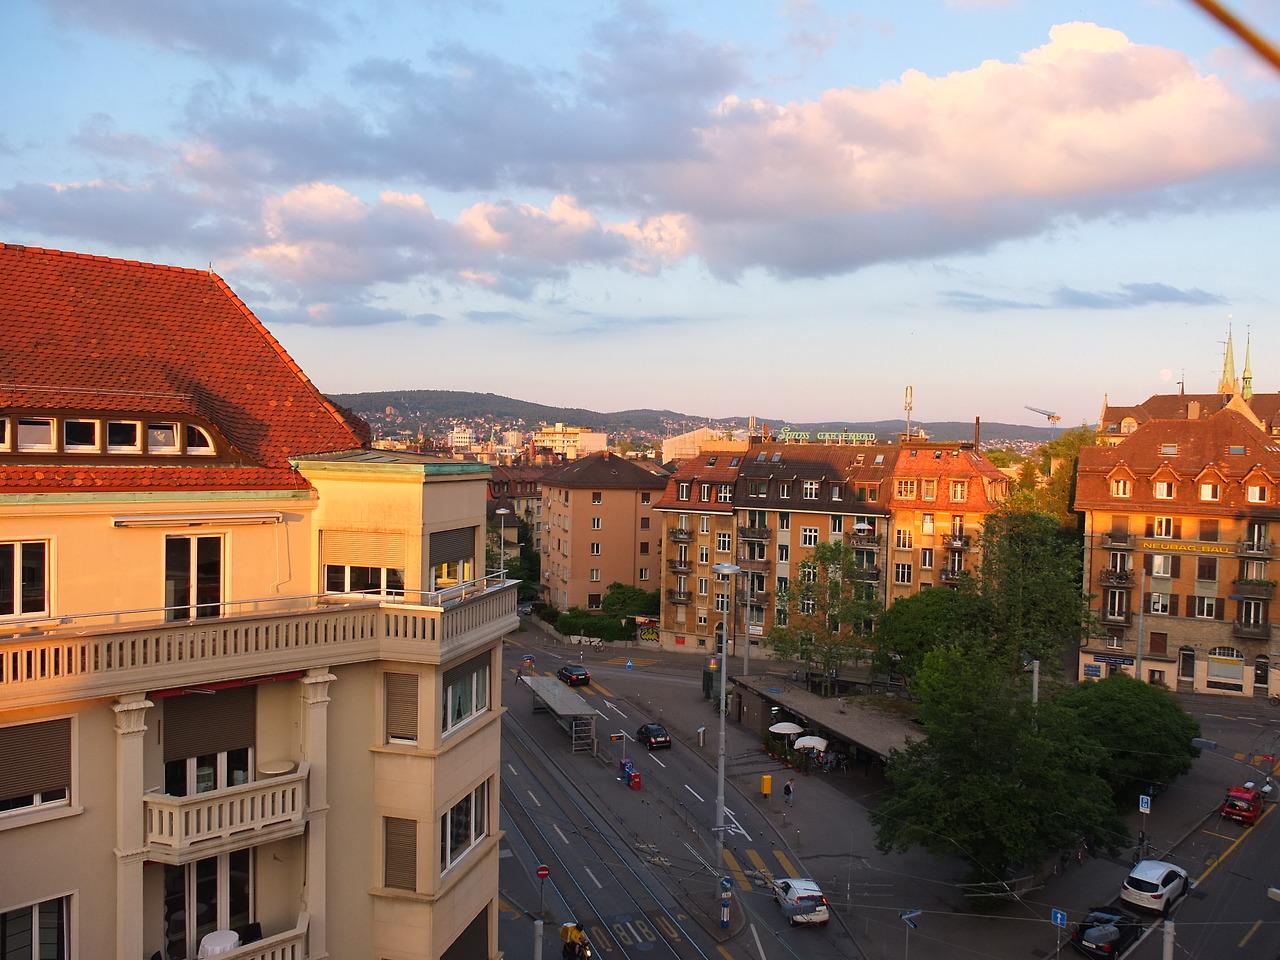 swissifiedhat eine wunderbare Aufnahme des Goldbrunnenplatz gemacht. Nicht weit davon ist der allseits beliebte Schwarz / Weiss Fotoautomat.